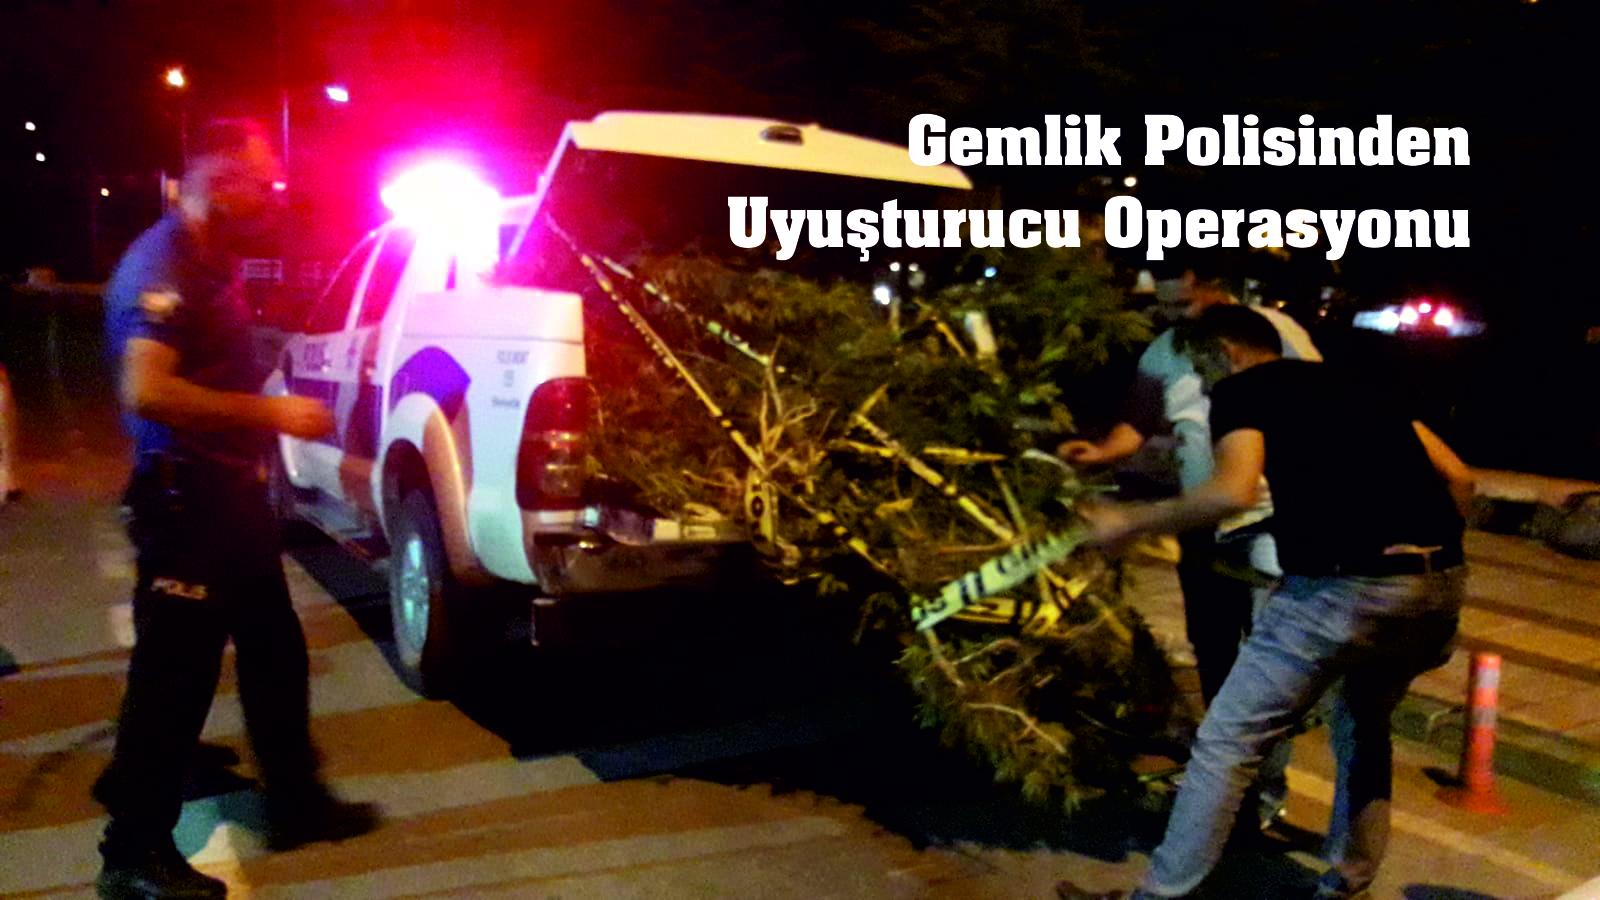 Gemlik Polisinden Uyuşturucu Operasyonu